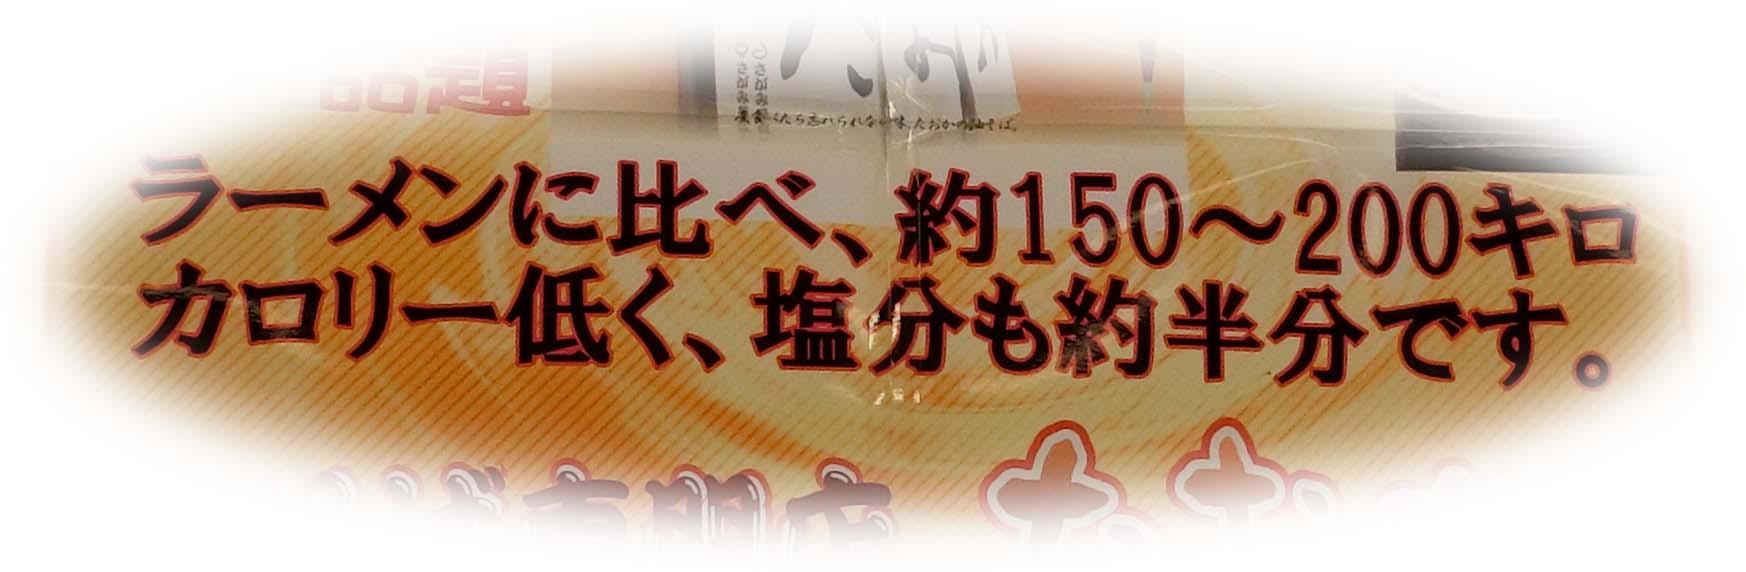 CIMG0259_4.jpg